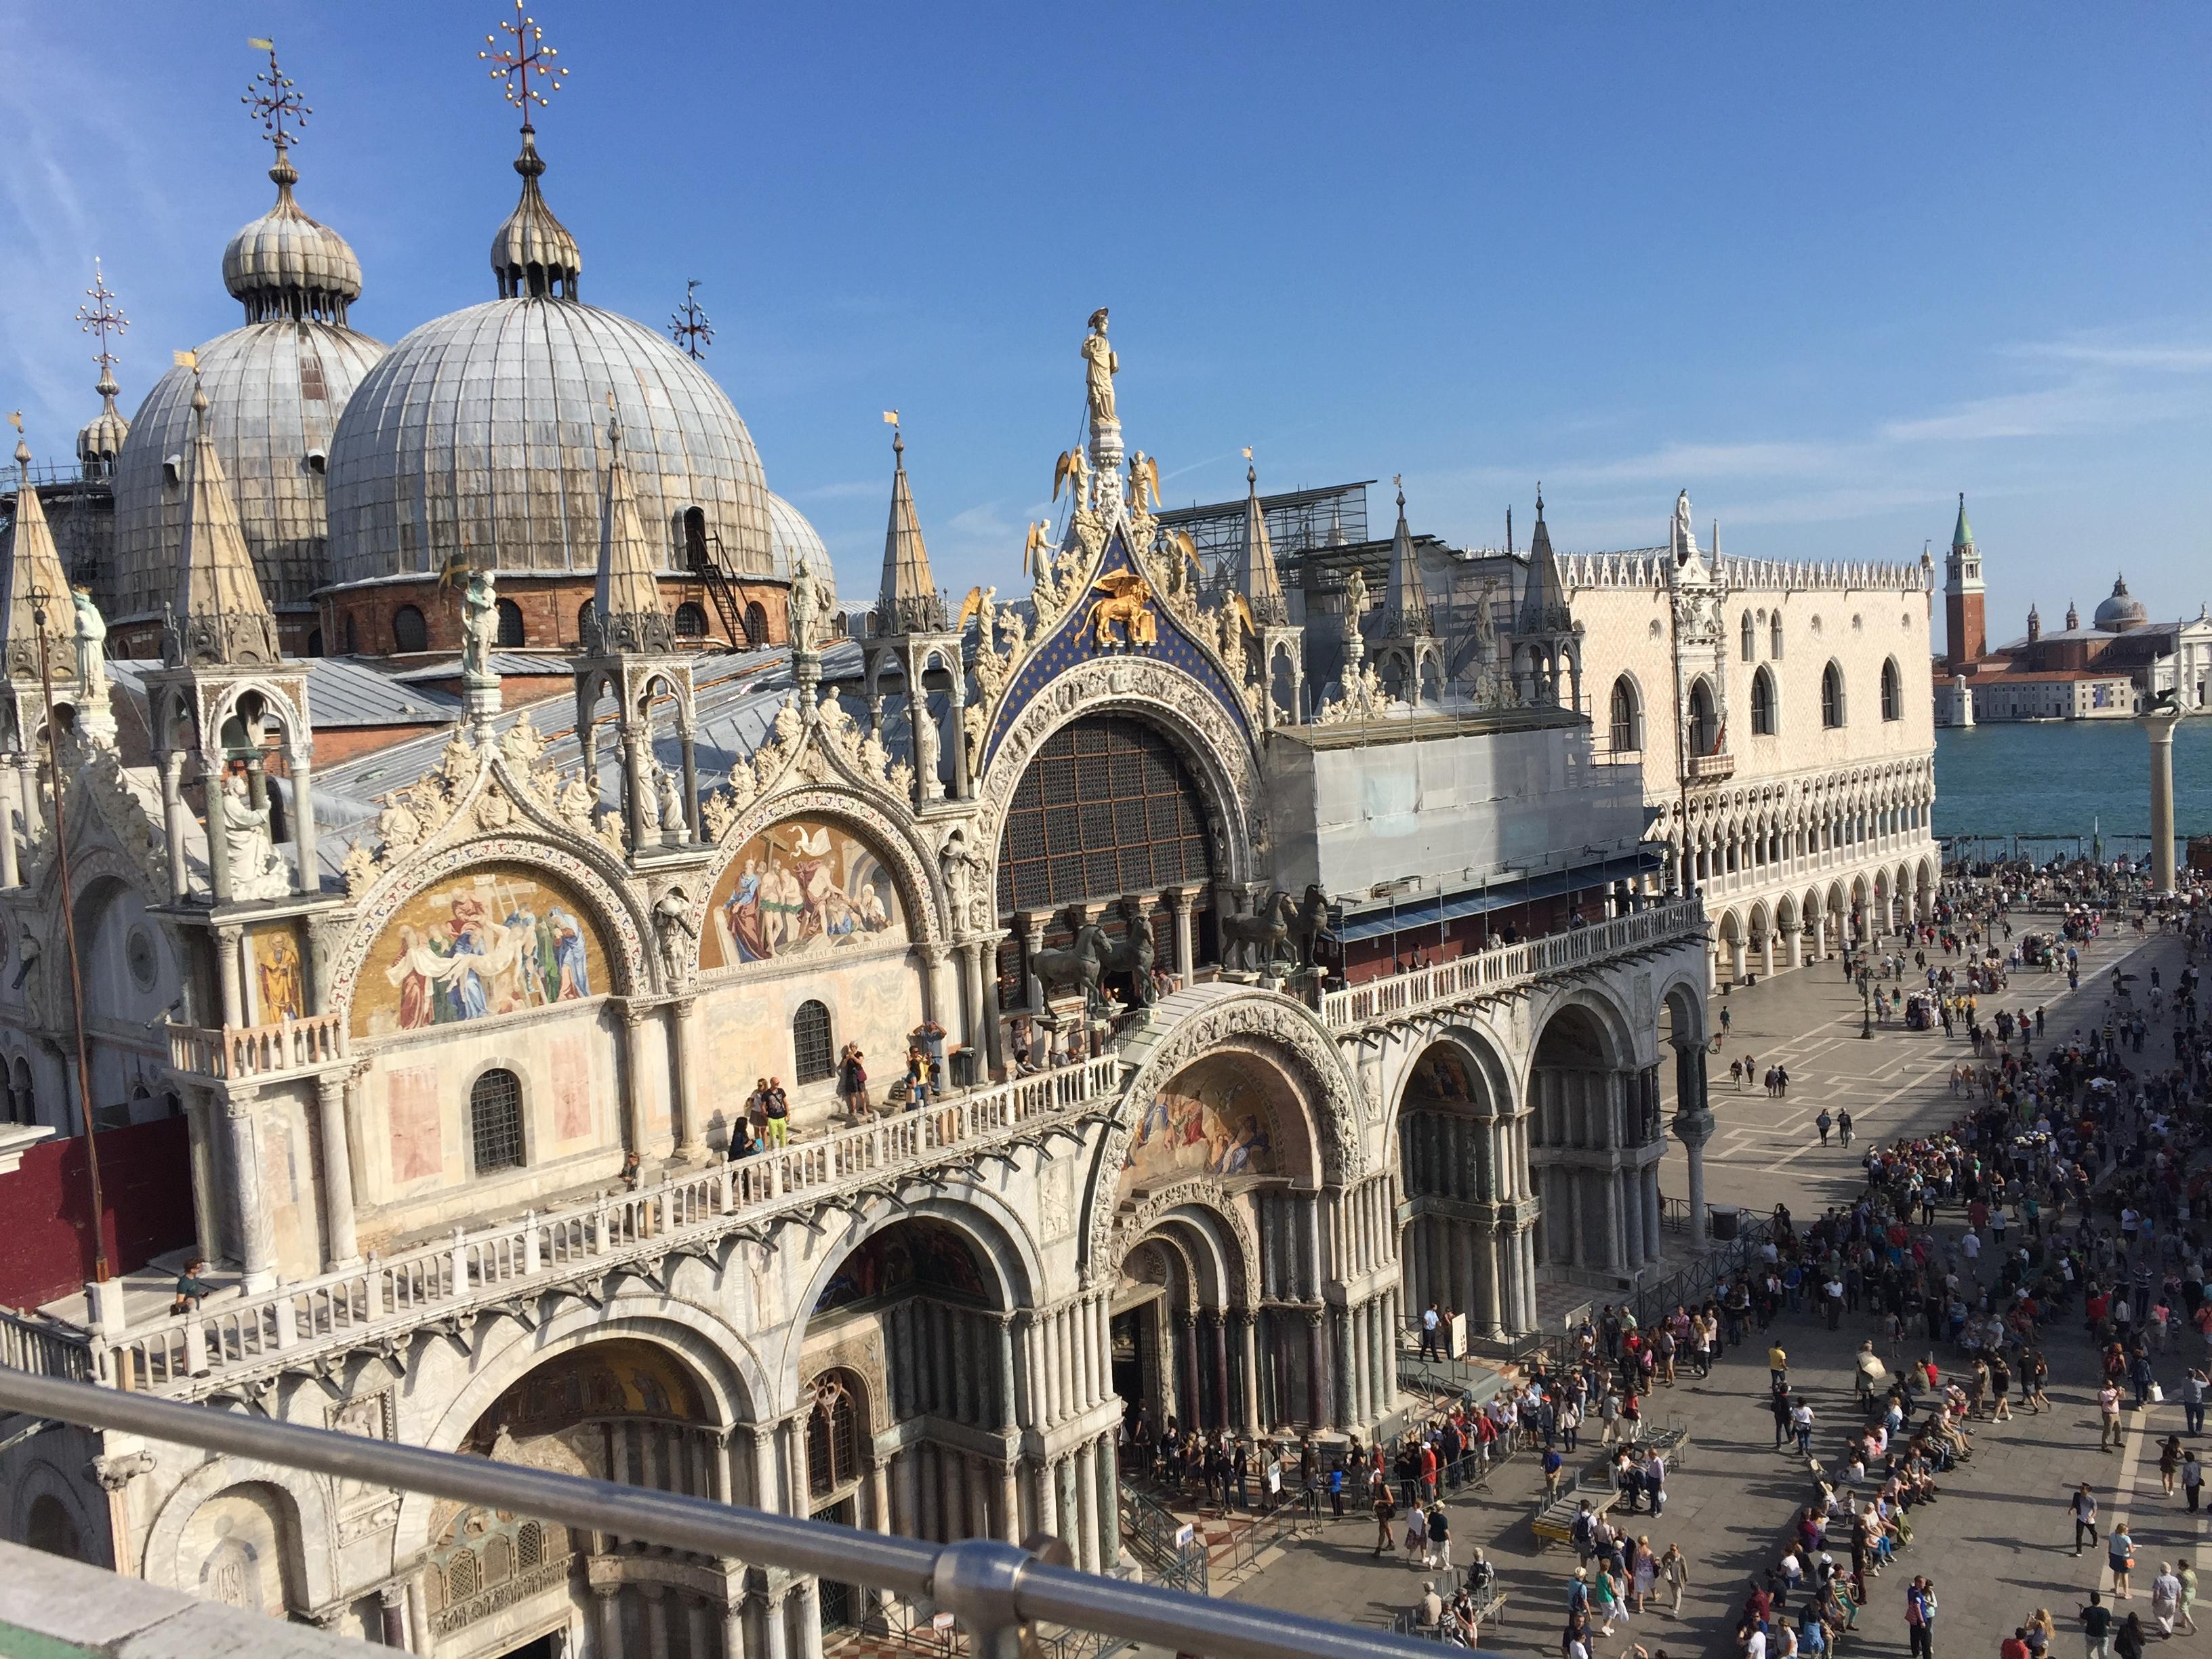 img 1568 - Subiendo al reloj astronómico de Venecia y Panoramica de la Piazza San Marcos